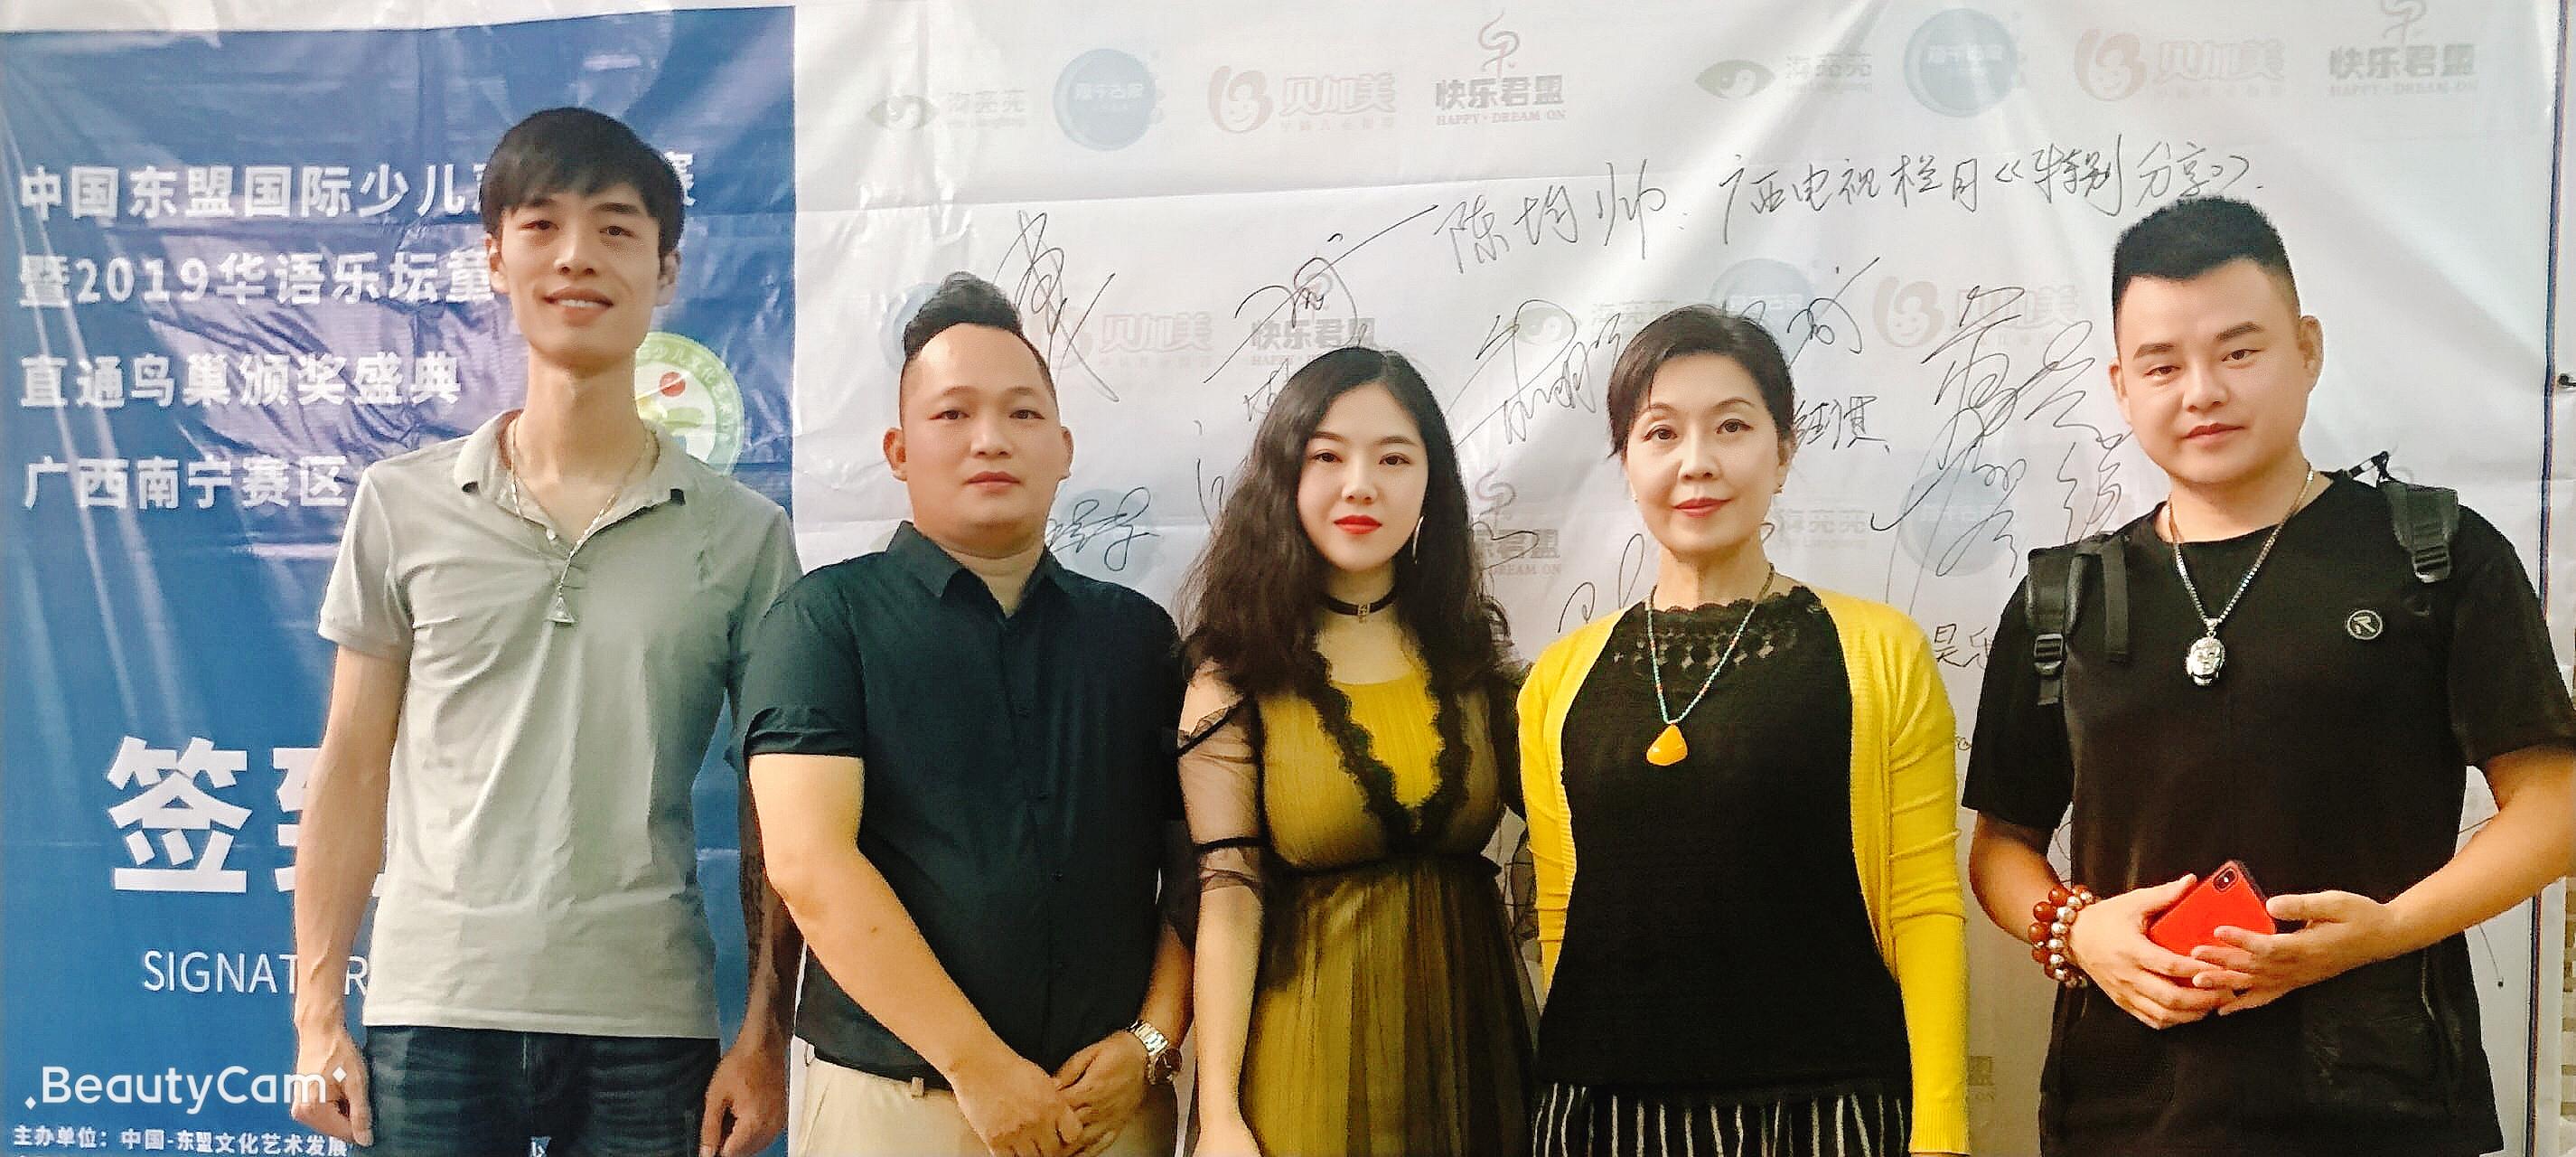 2019中国东盟国际少儿声乐大赛广西南宁晋级赛在南宁成功举办!